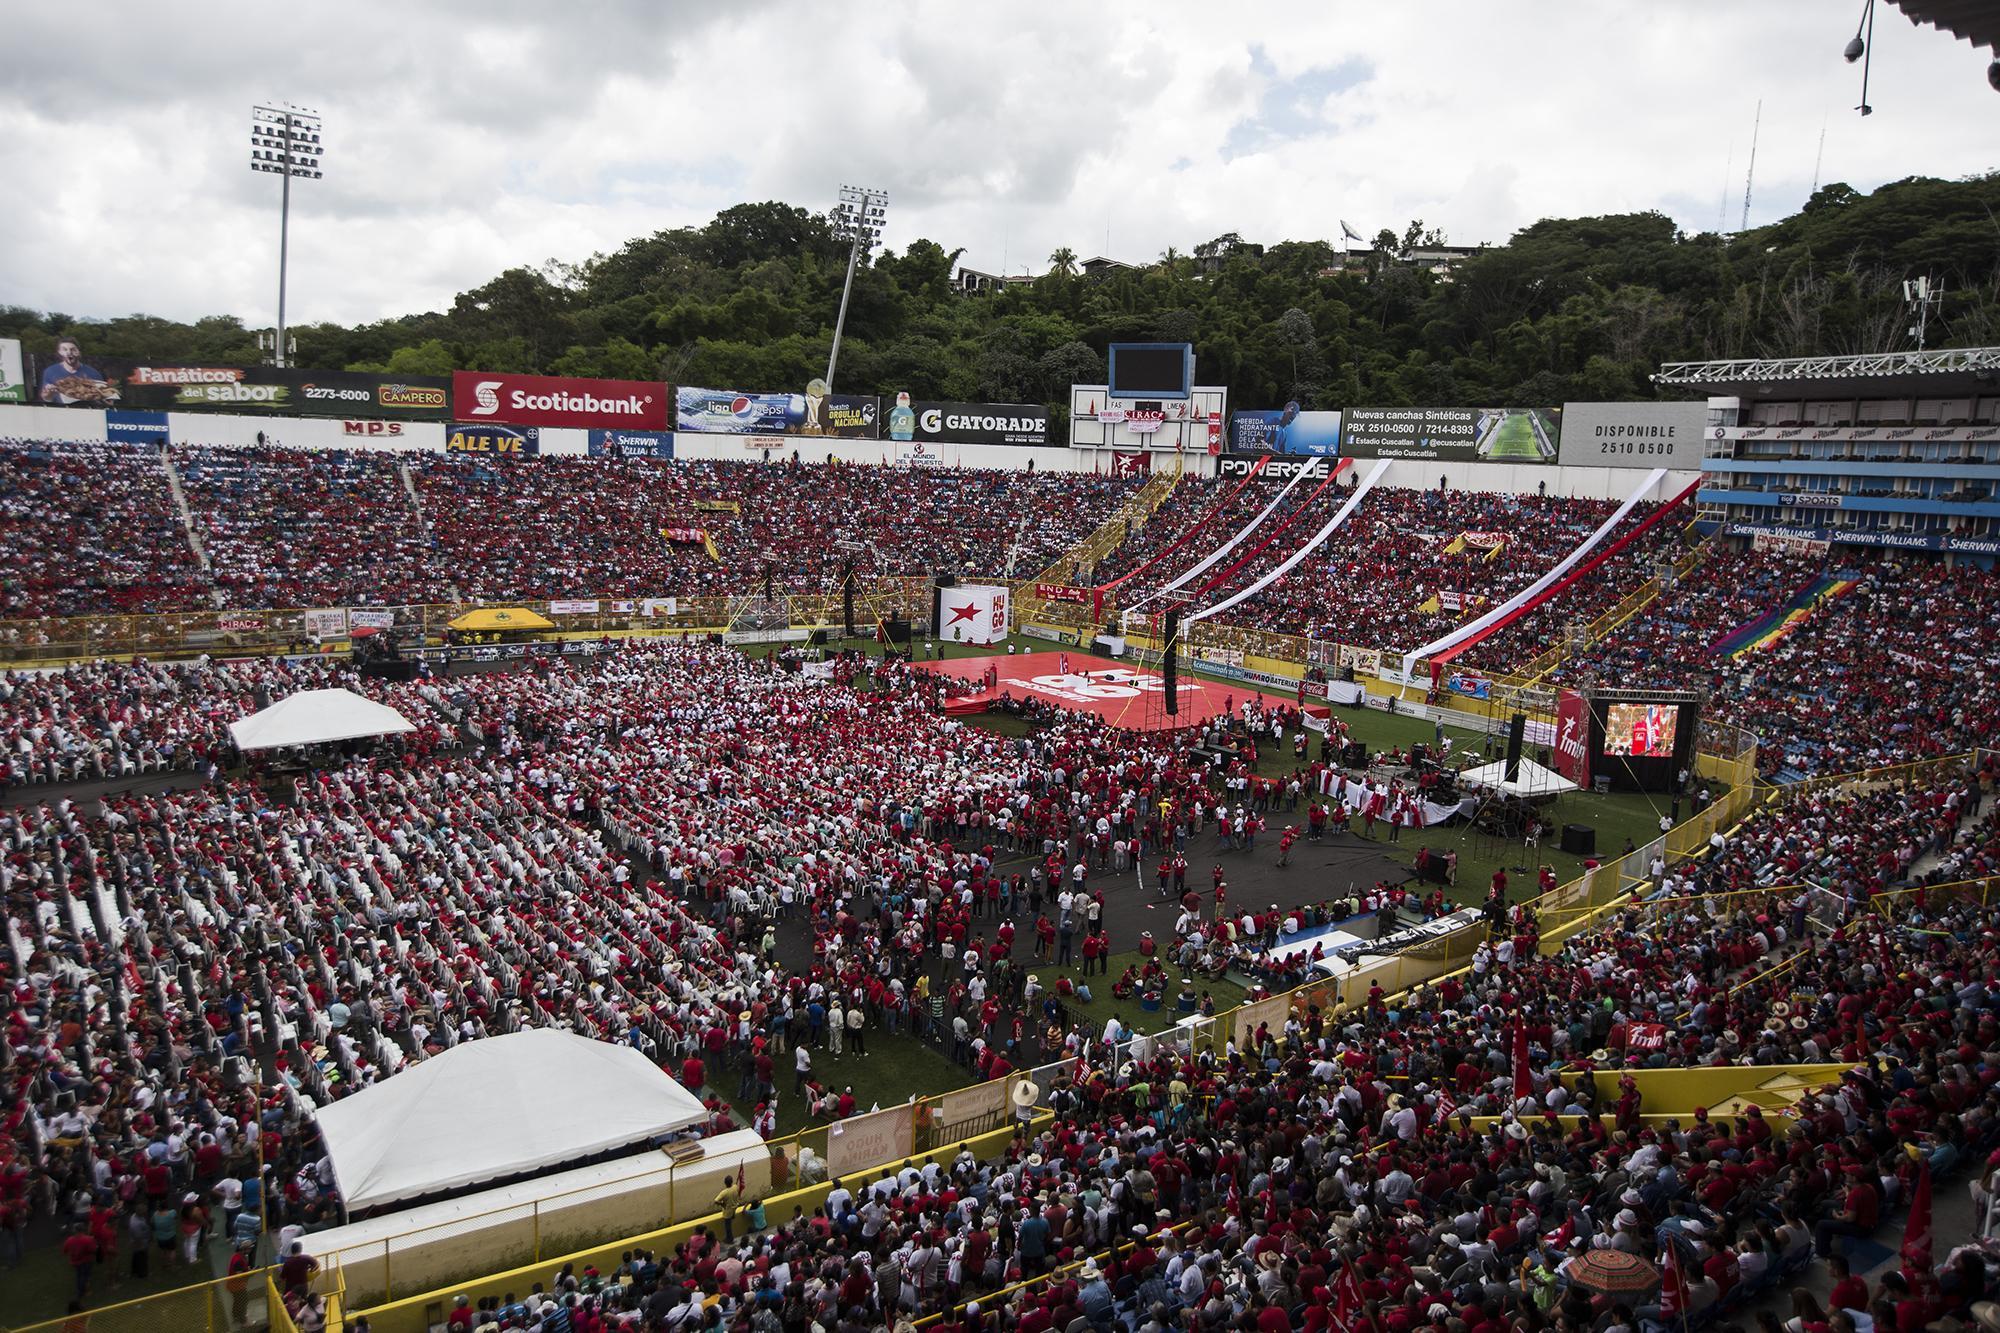 Imagen panorámica del Estadio Cuscatlán durante la XXXVI Conveción del FMLN, celebrada el 9 de septiembre de 2018. Foto Fred Ramos (El Faro).